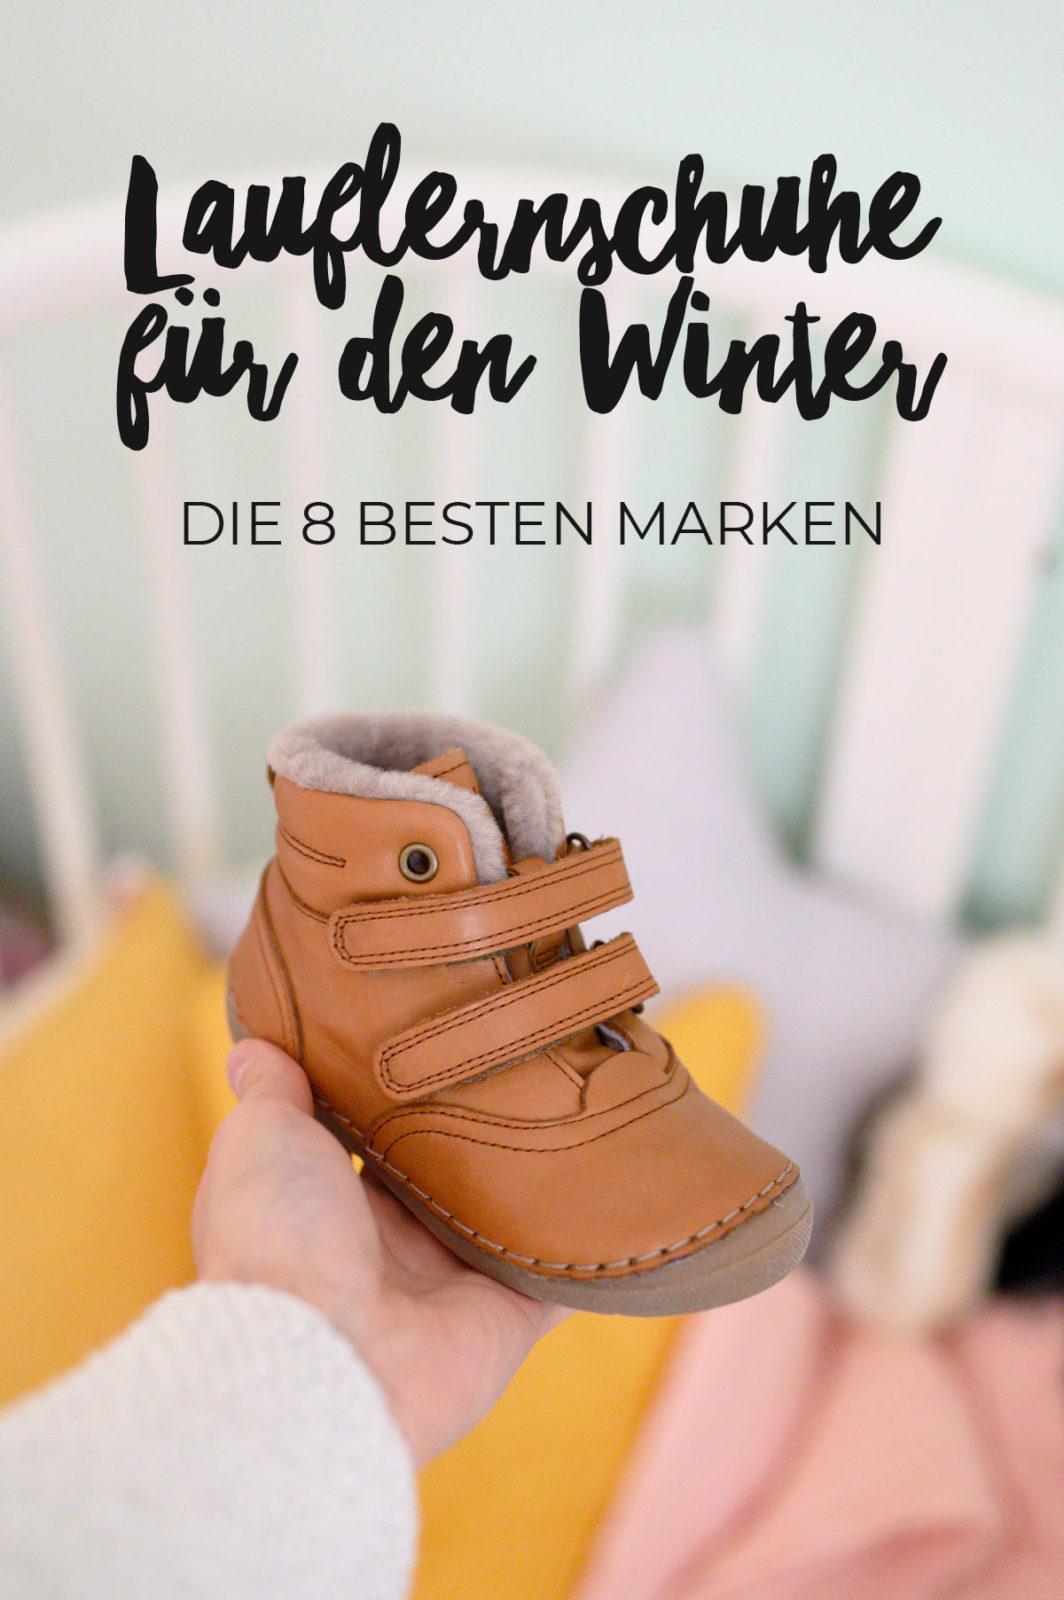 große Vielfalt Modelle Schatz als seltenes Gut Geschäft Die besten 8 Lauflernschuhe für den Winter 2019 ...